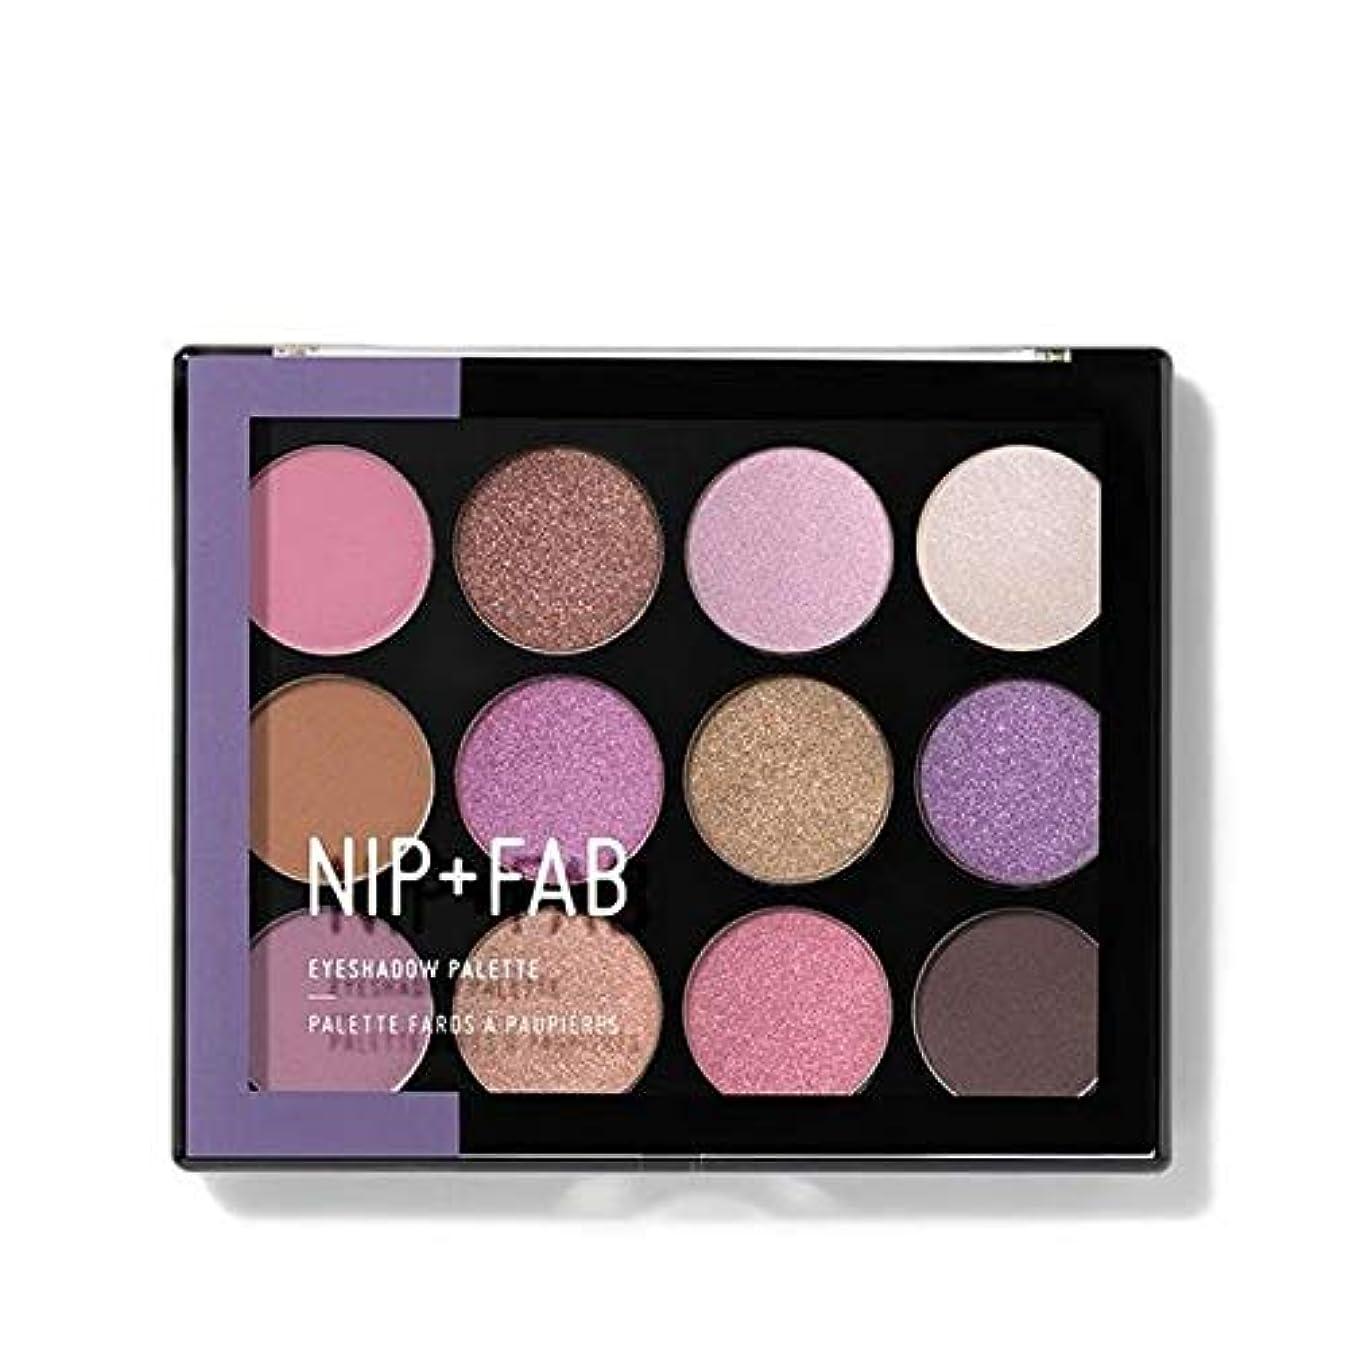 エンディング取り囲むスキーム[Nip & Fab ] アイシャドウパレット5を構成するFab +ニップ - NIP+FAB Make Up Eyeshadow Palette 5 [並行輸入品]